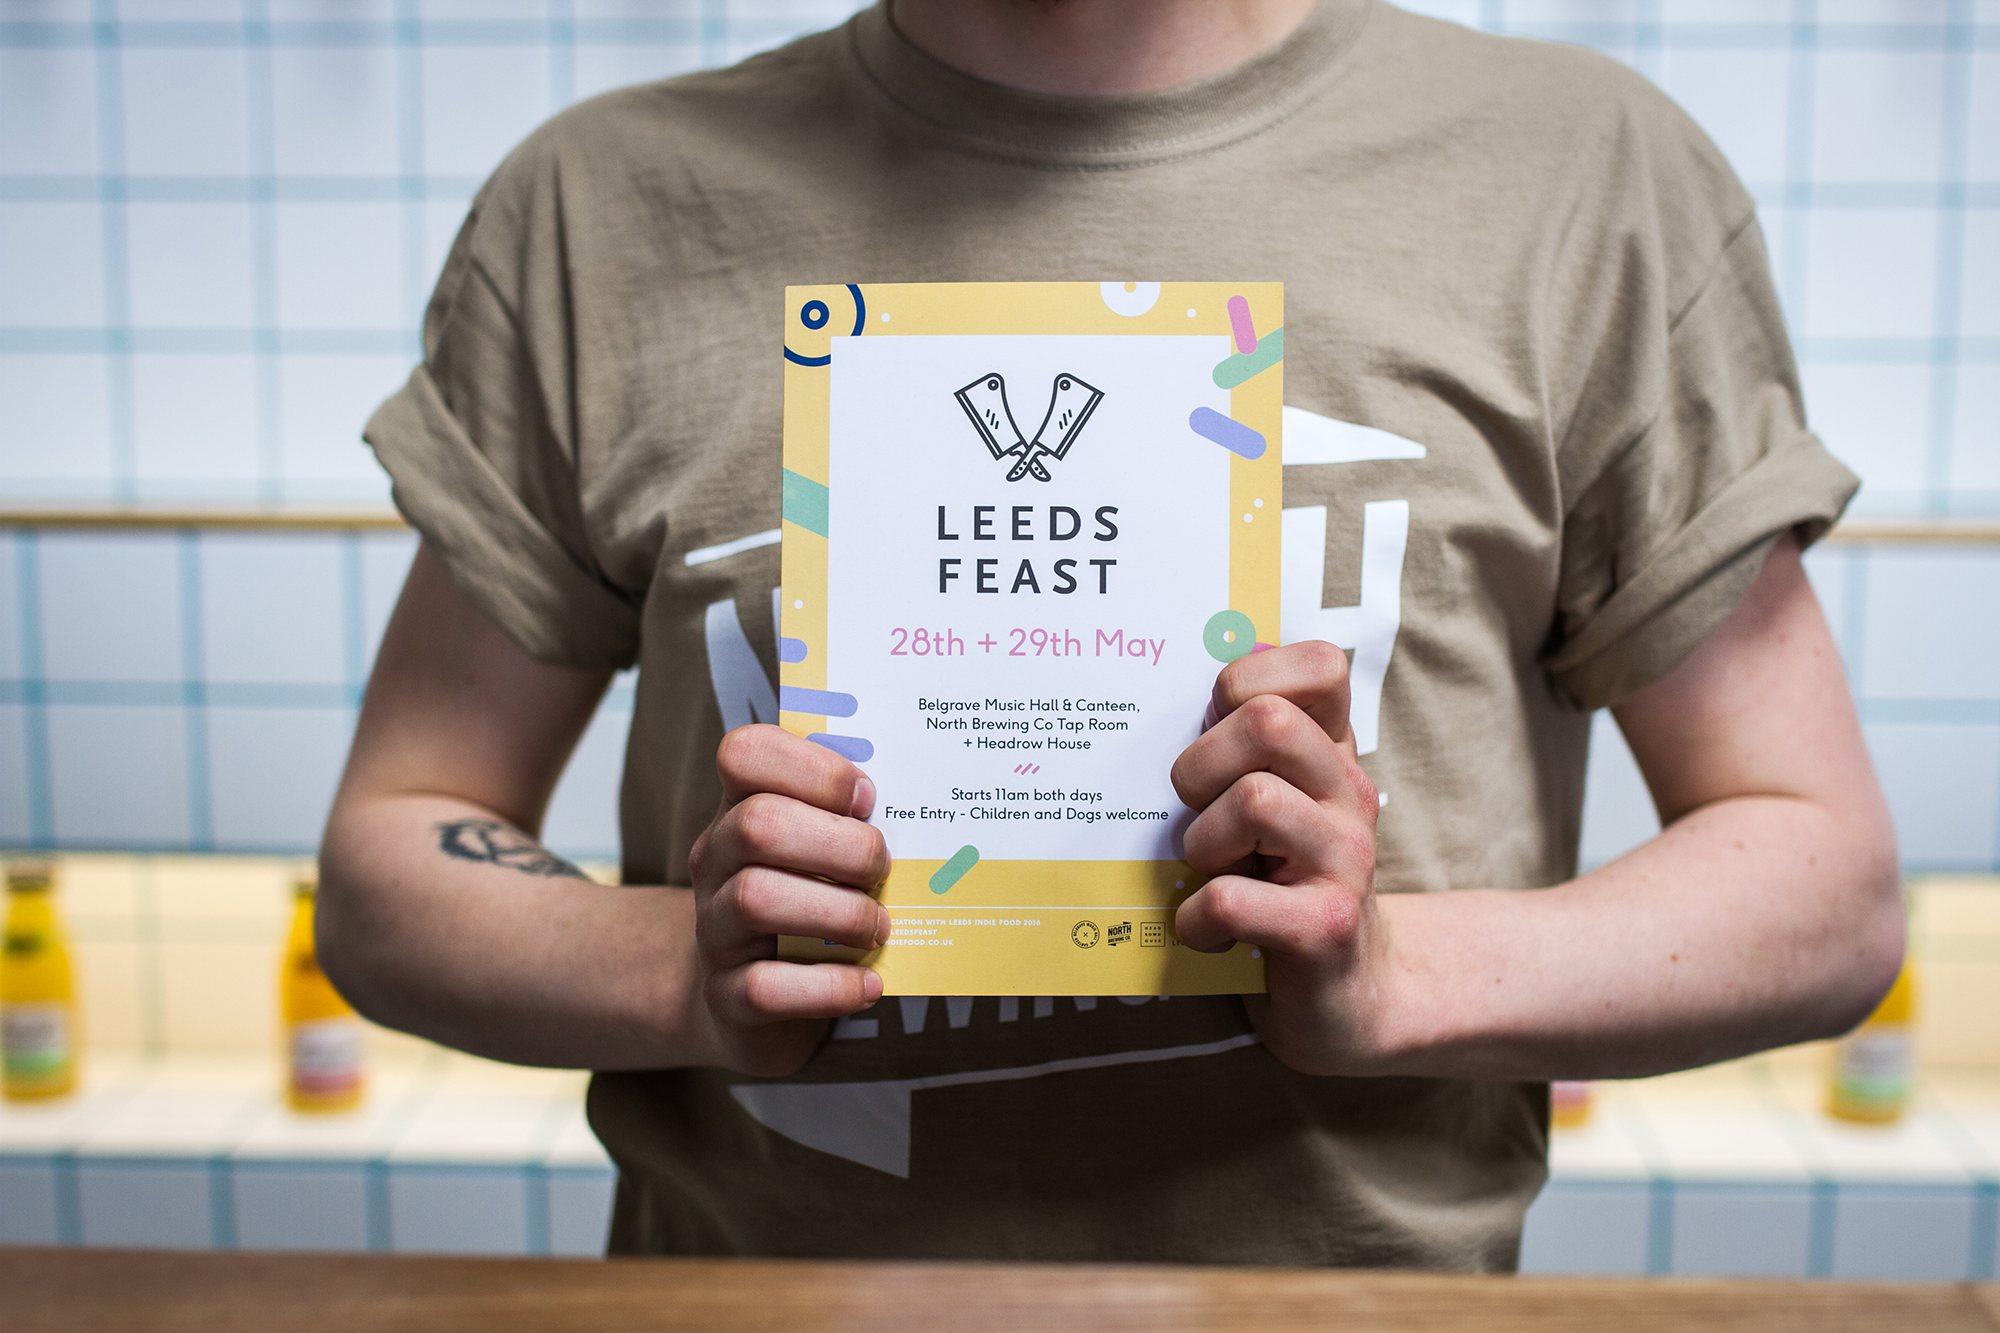 Leeds Feast at Leeds Indie Food Festival